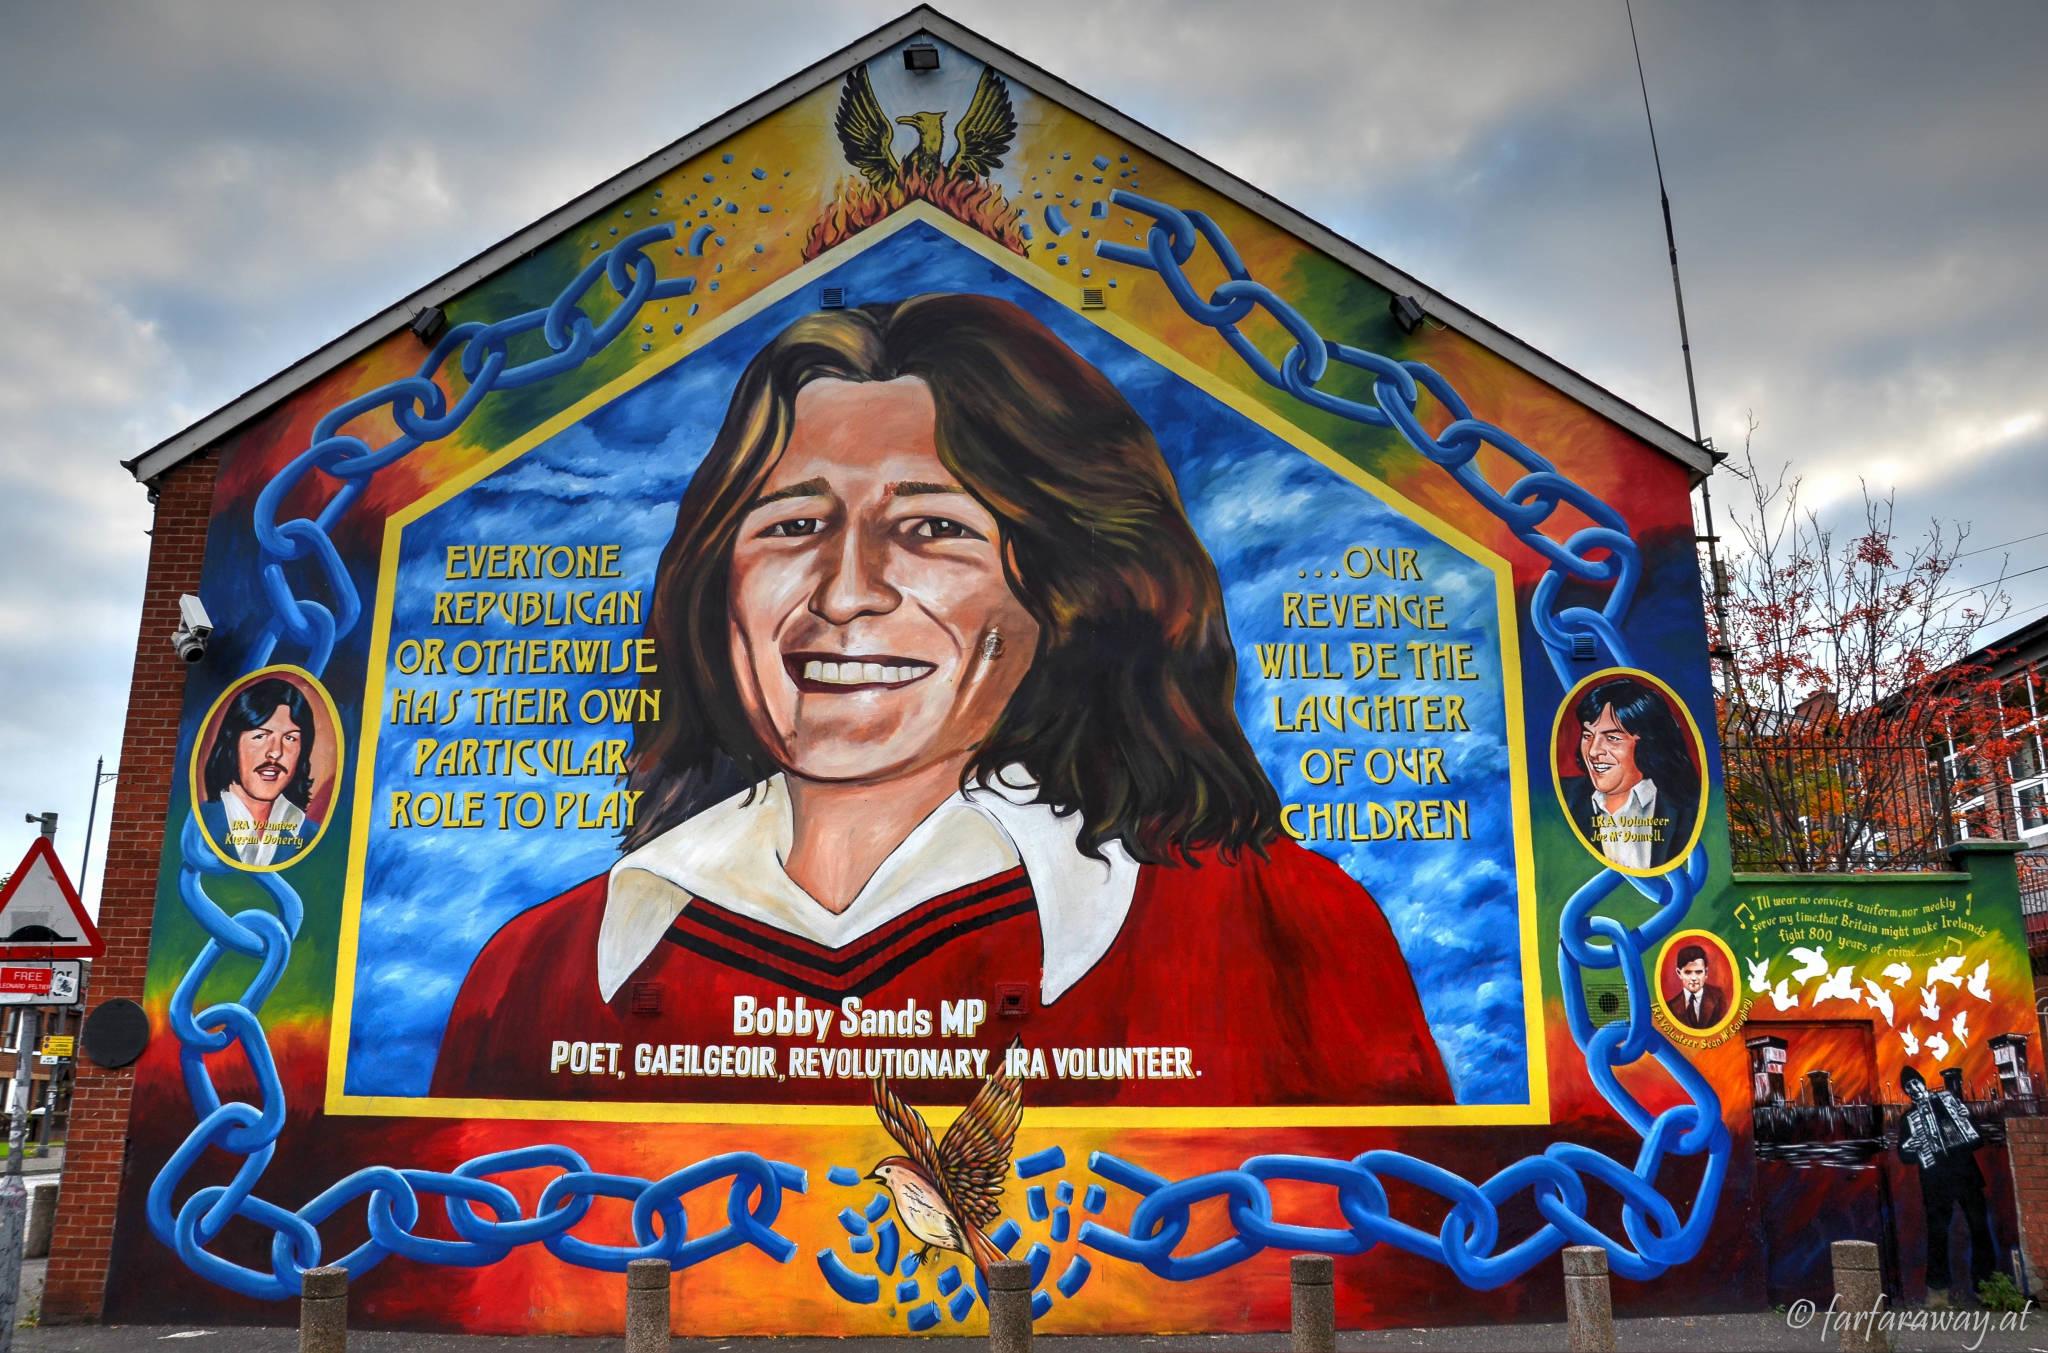 Mural, Bobby Sands MP, Belfast